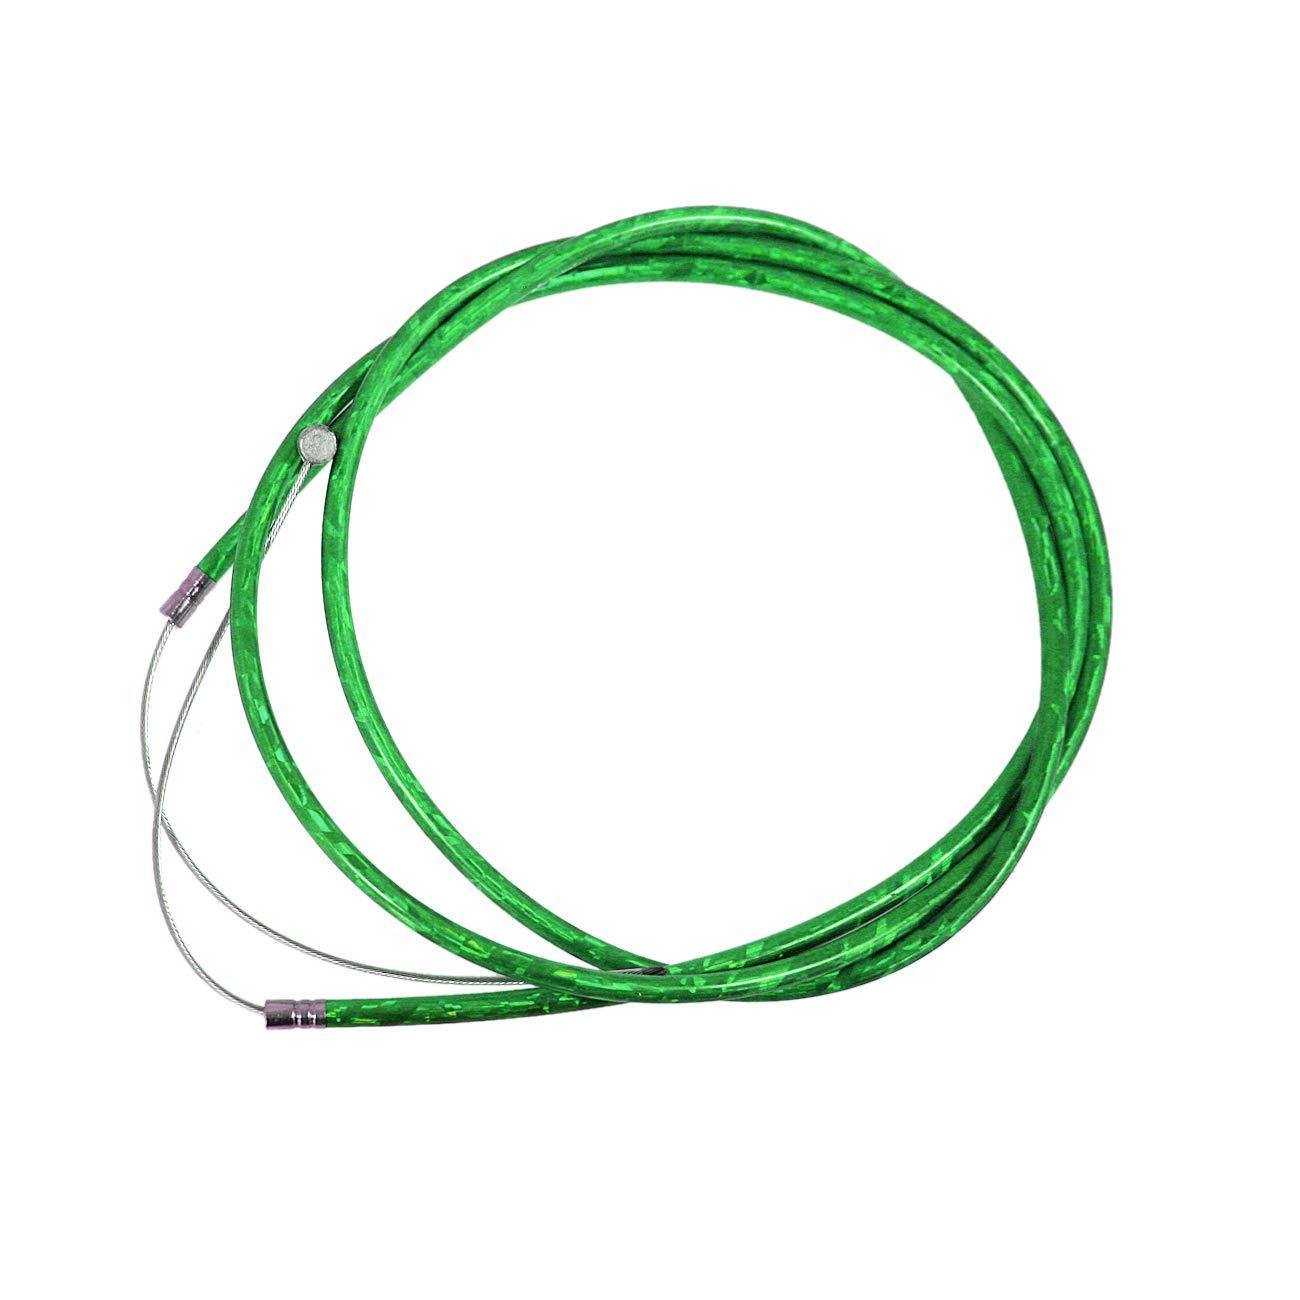 150cm Yellow Throttle Clutch Cable Line Fit 49cc 60cc 66cc 80cc Motorized Bike